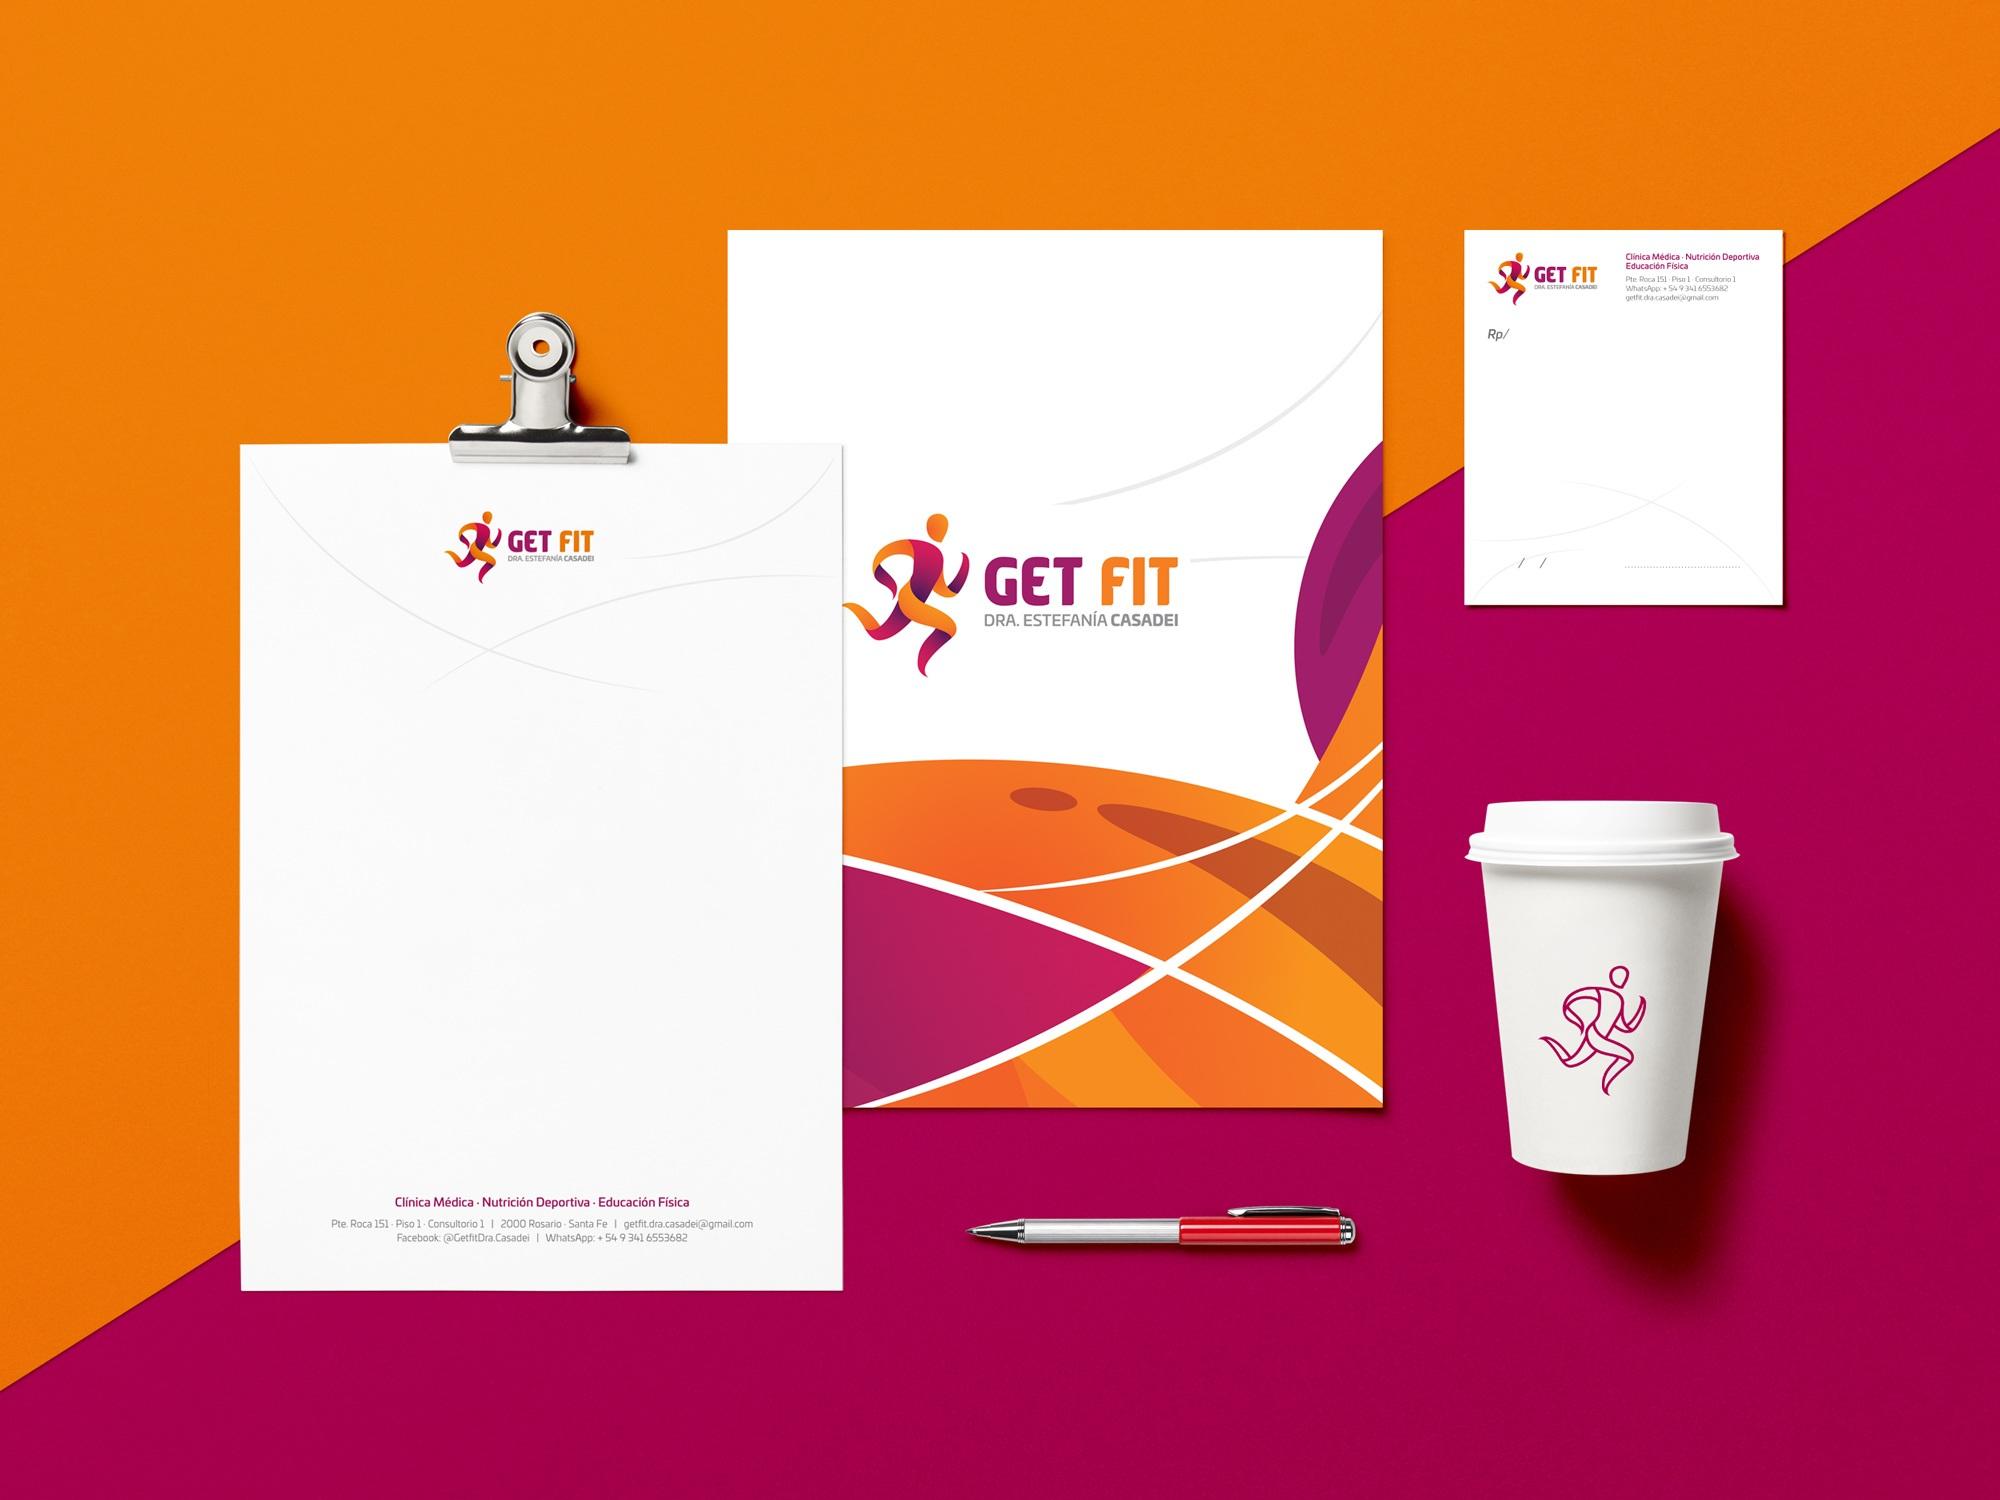 GetFit-hojaA4-carpeta-recetario